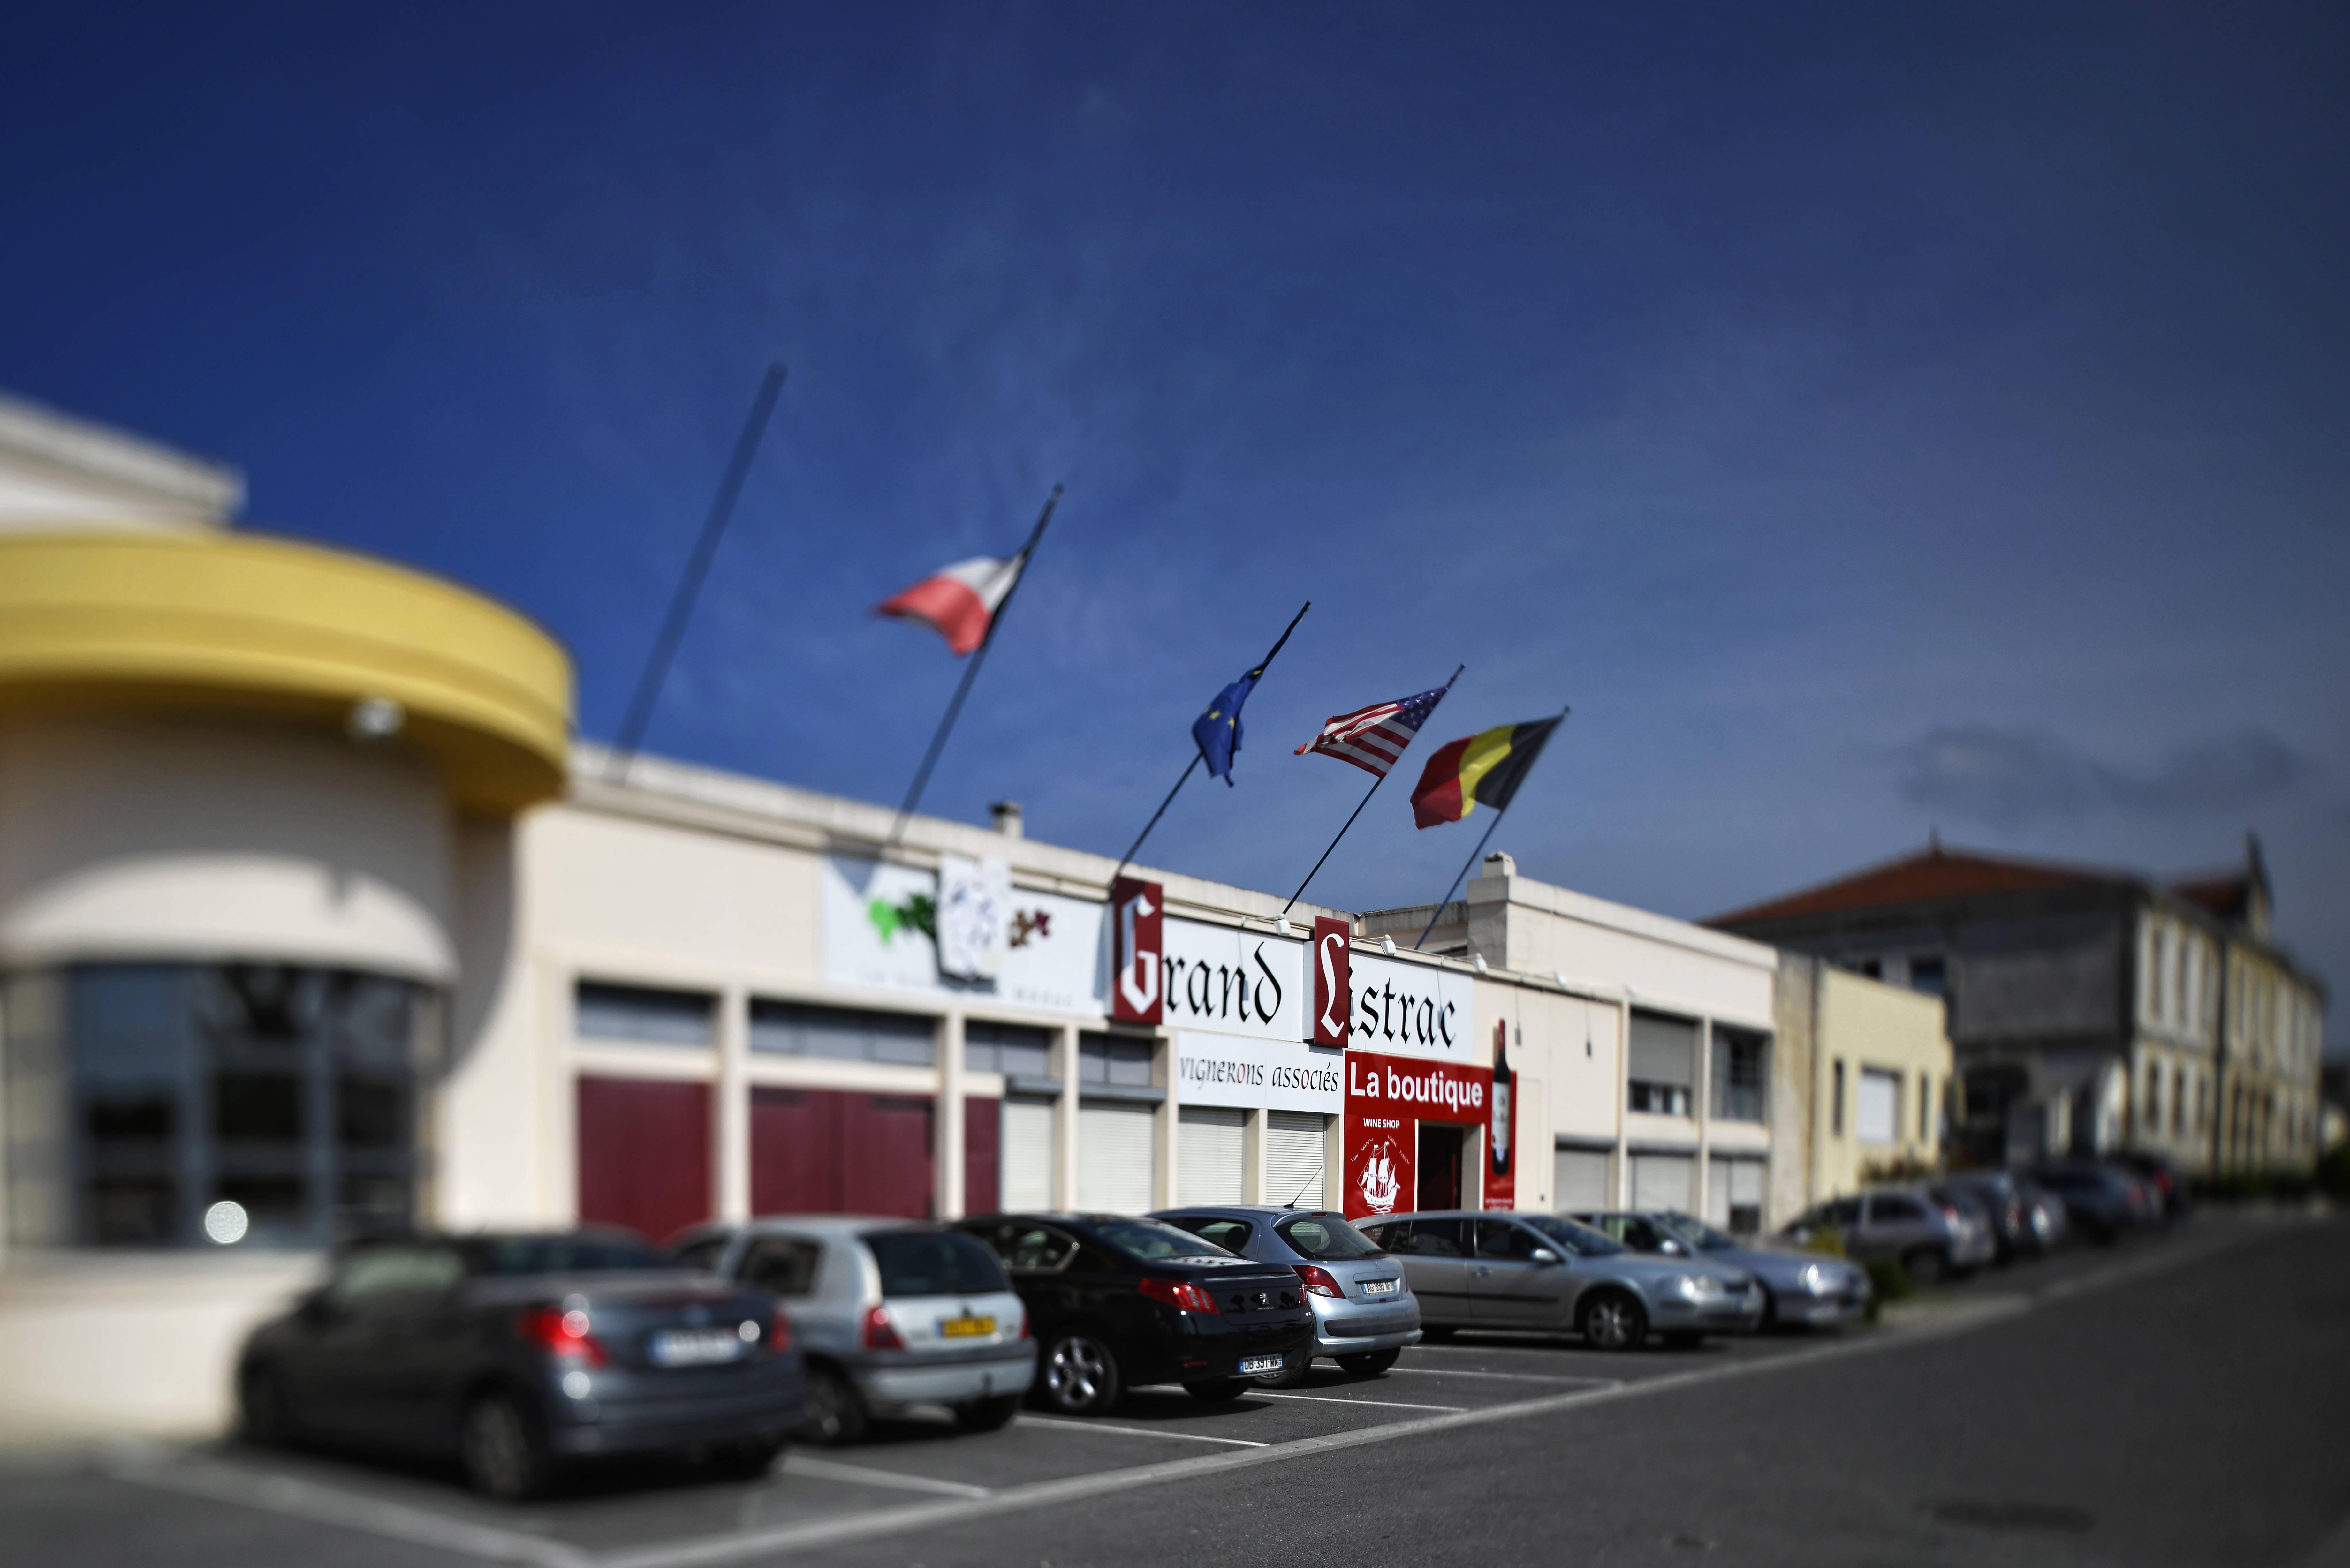 Boutique Grand Listrac